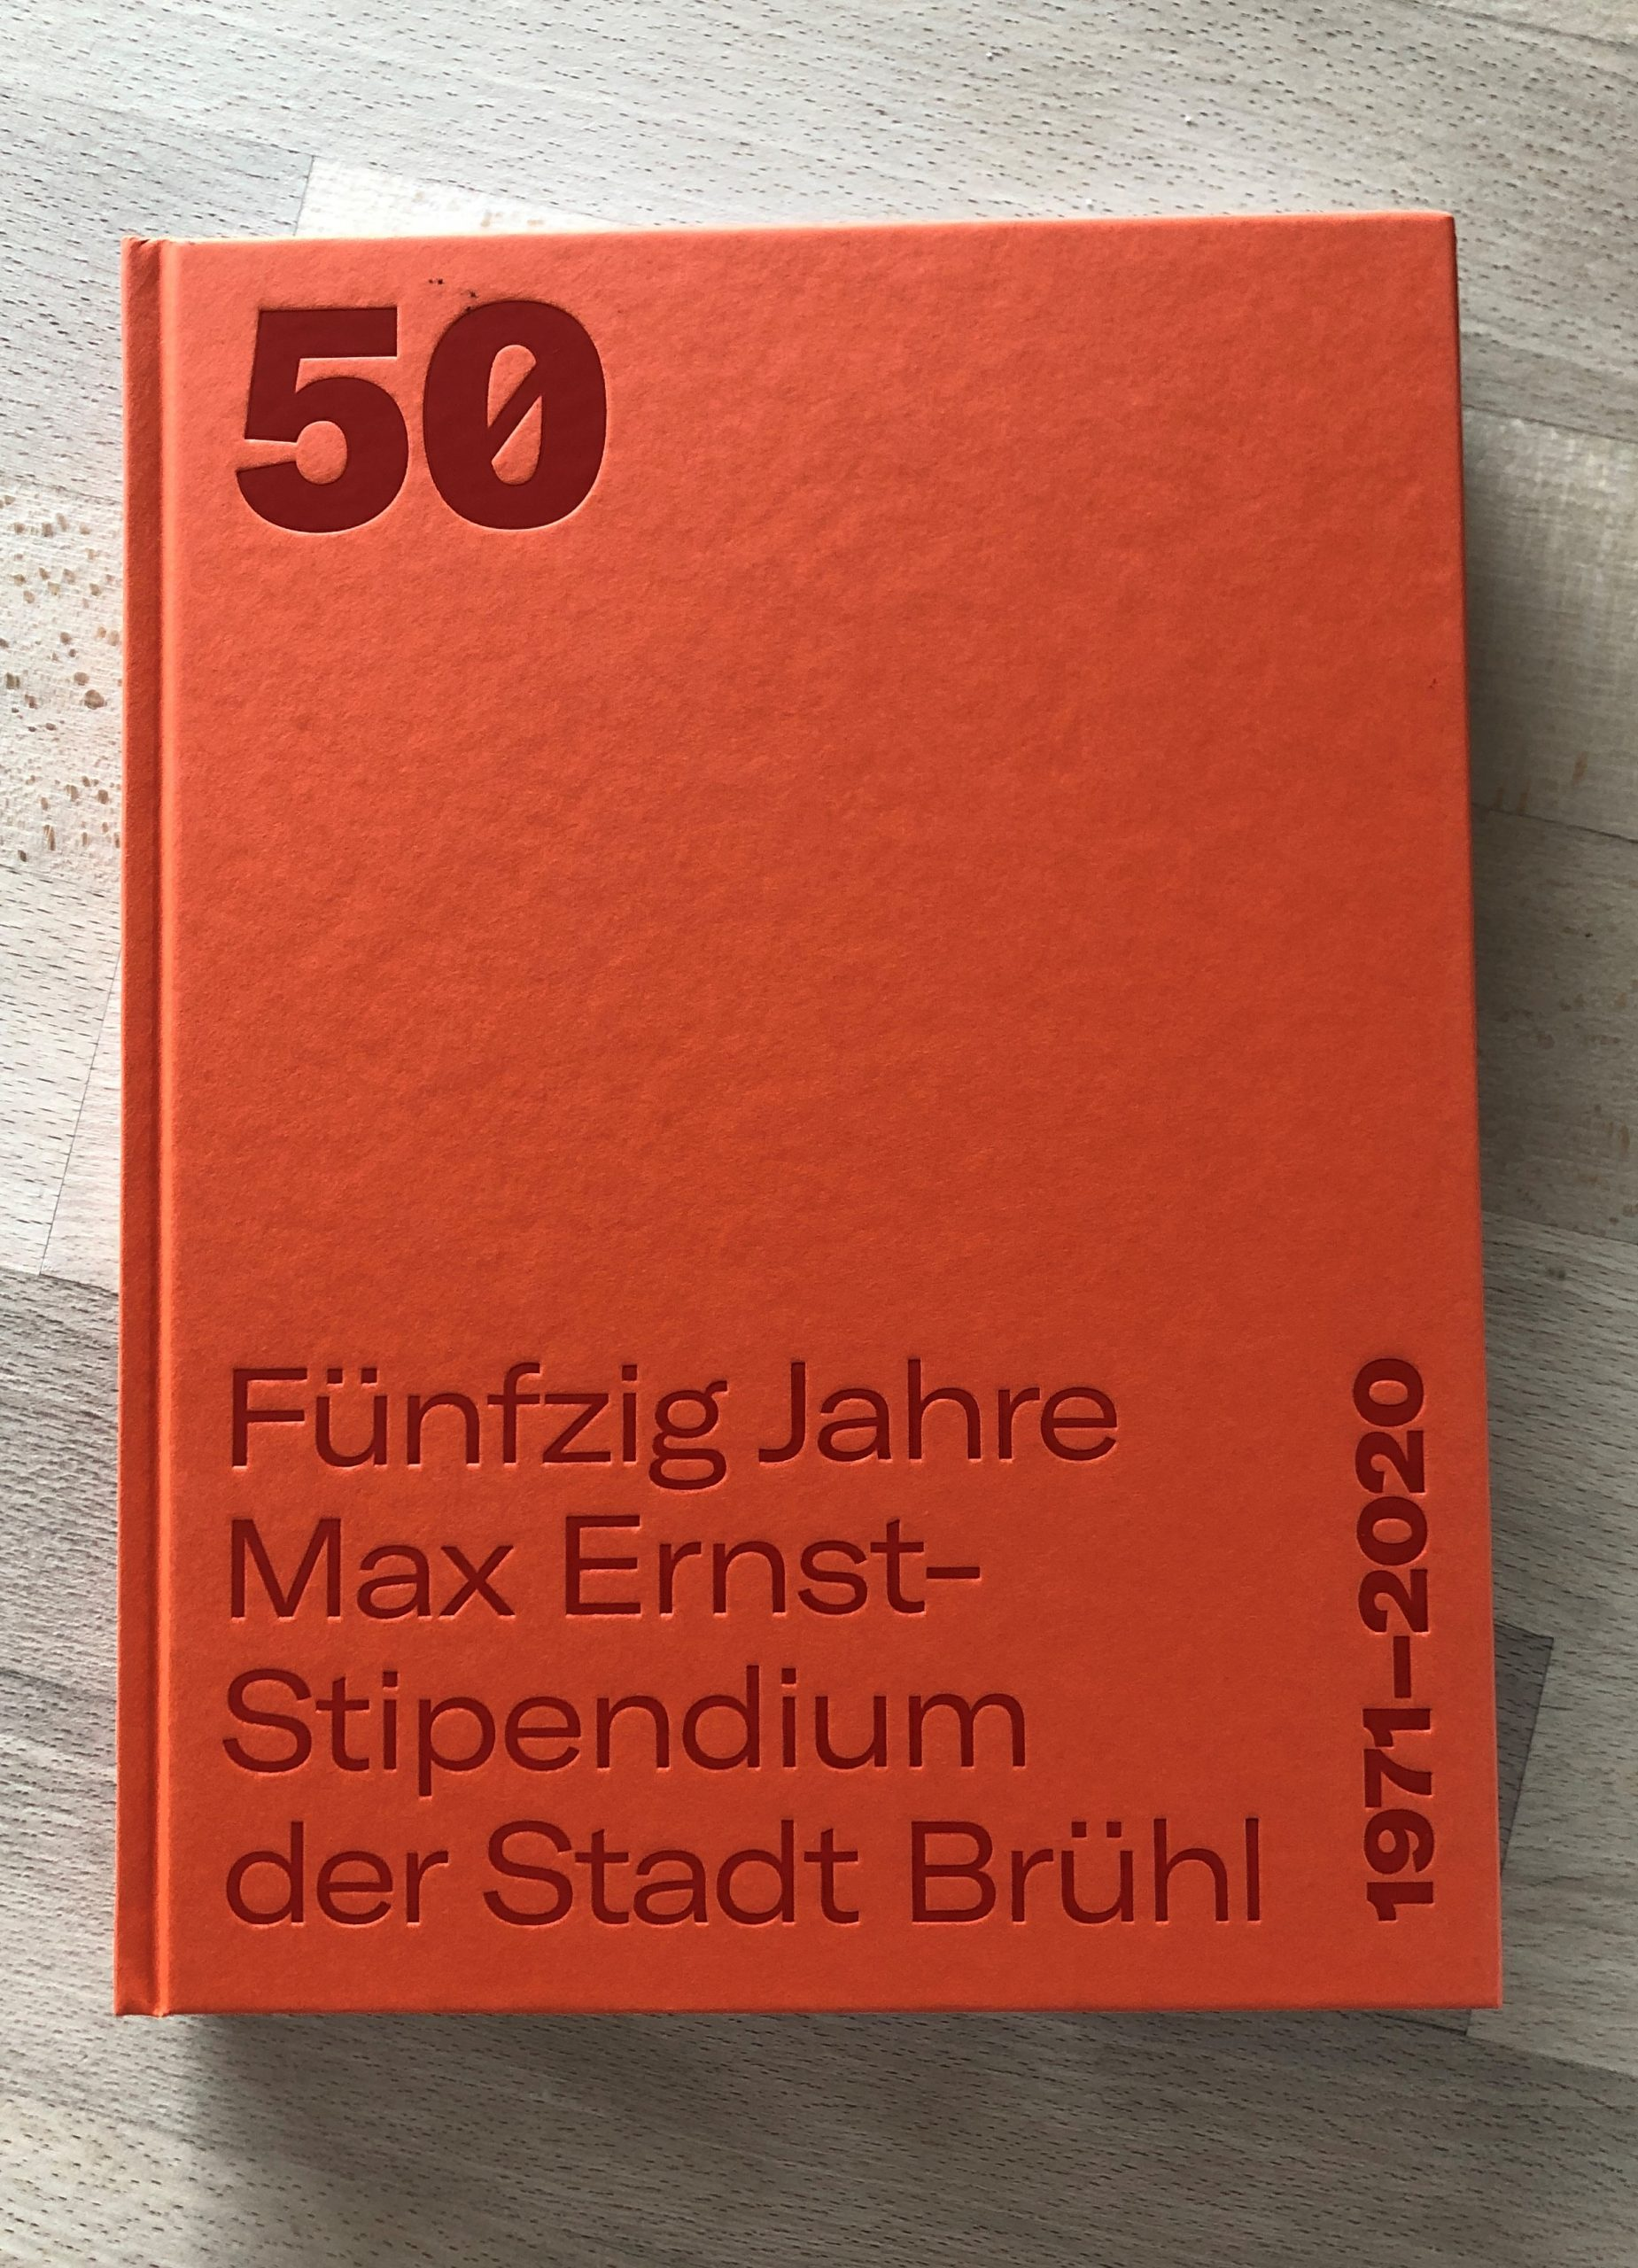 Fuenfzig Jahre Max Ernst Stipendium der Stadt Bruehl